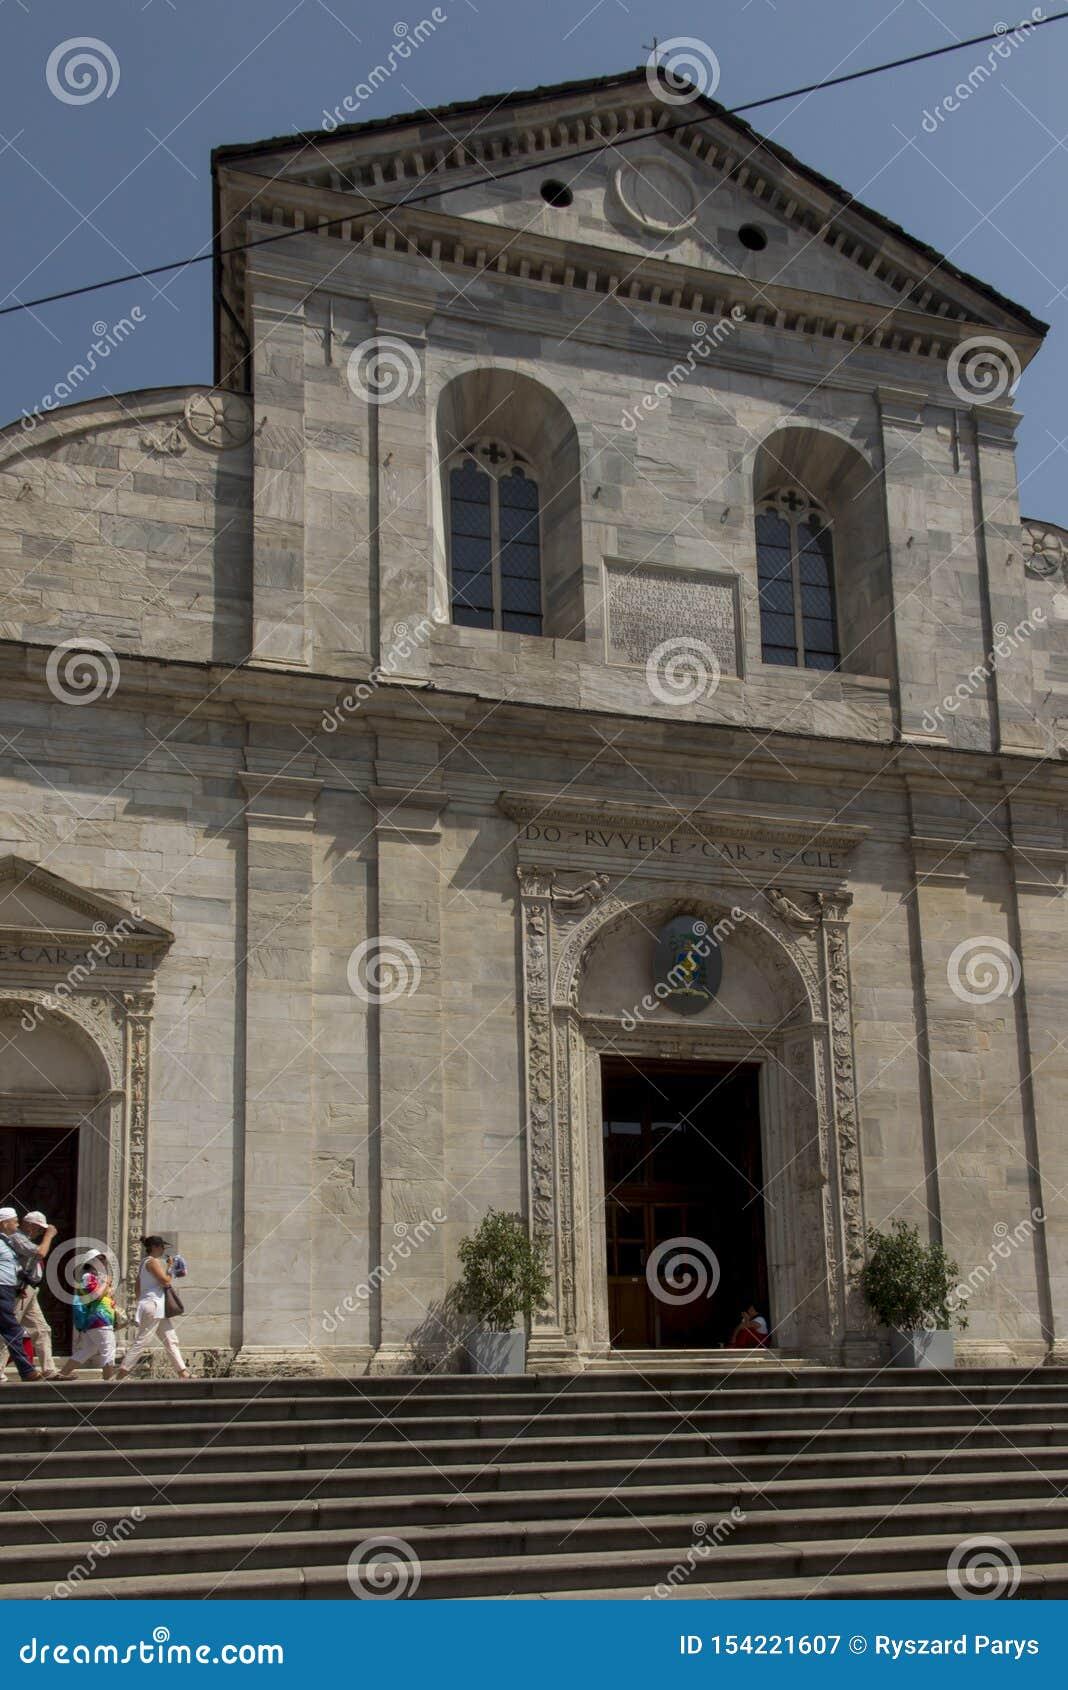 Turin Italy, June 27, 2019: Duomo Di Torino San Giovanni